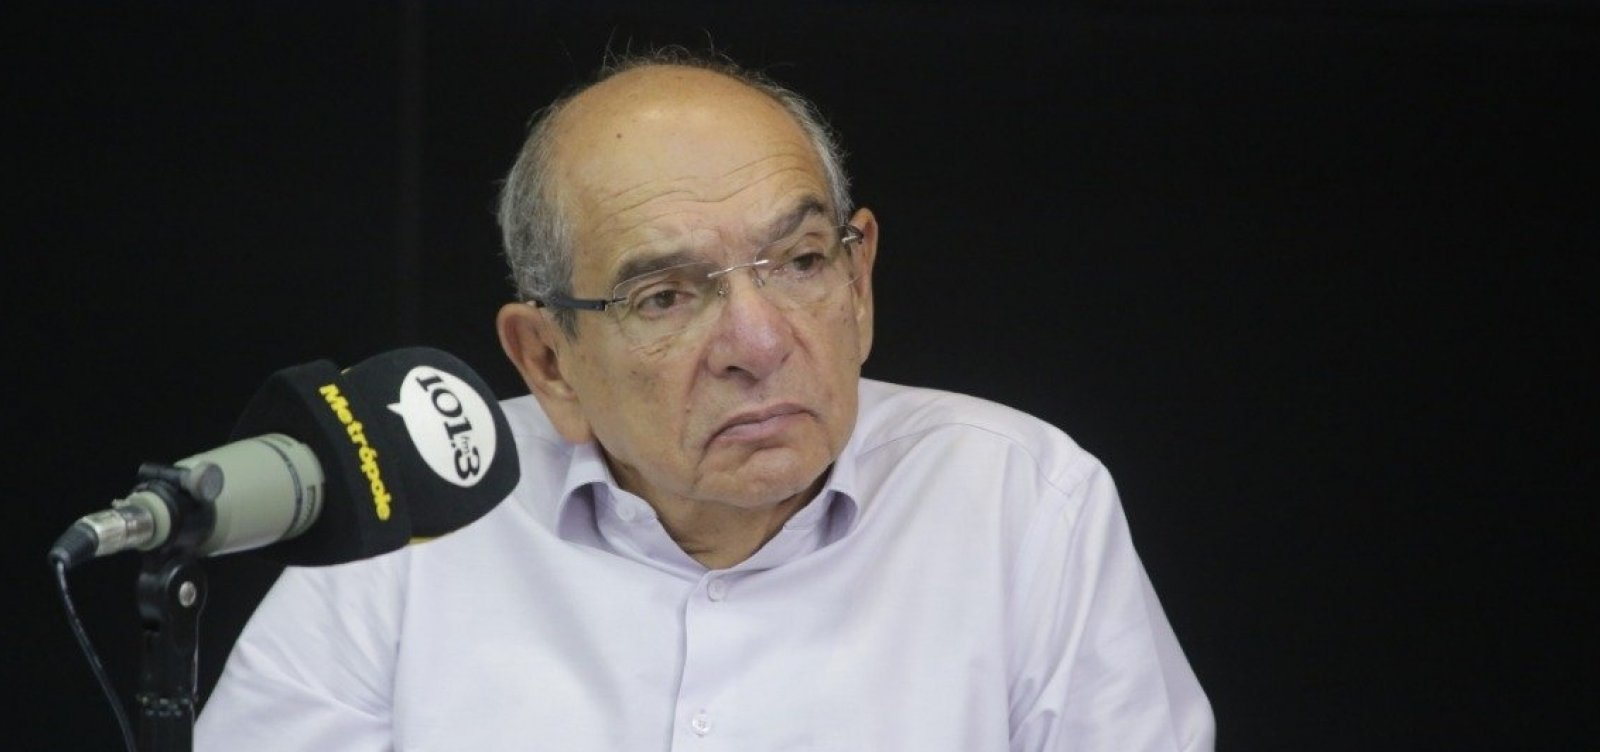 MK avalia articulação entre Huck e Moro: 'Estão procurando o Biden brasileiro'